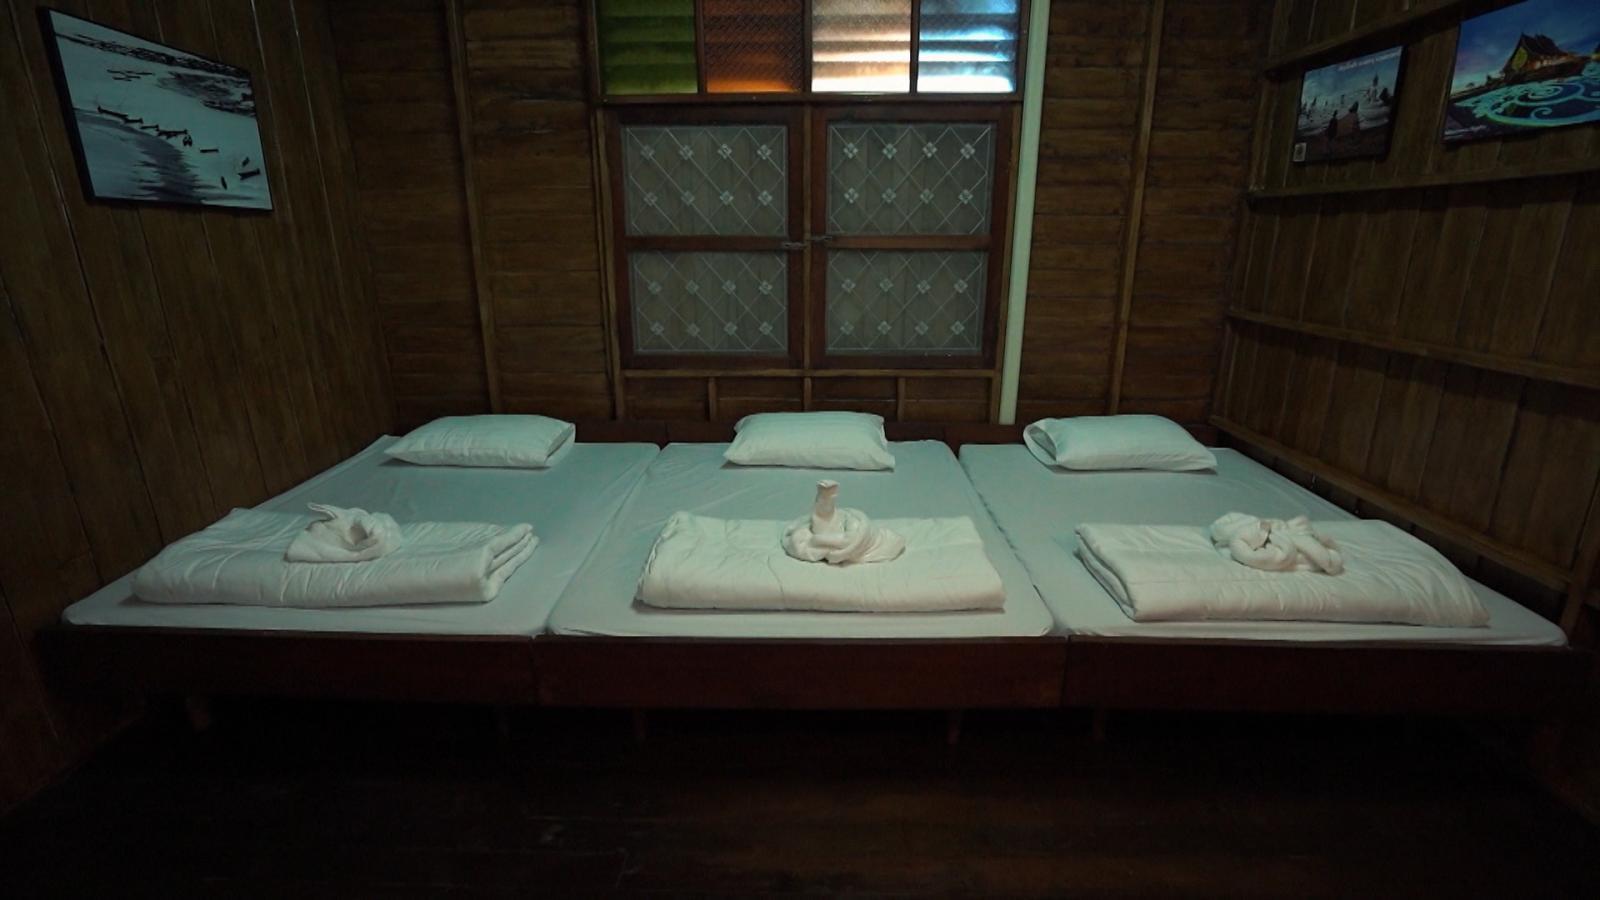 ดูเพลินๆ | โรงแรมโบราณ ห้องละ 15 บาท!! | เที่ยวให้สุด สมุดโคจร EP.29